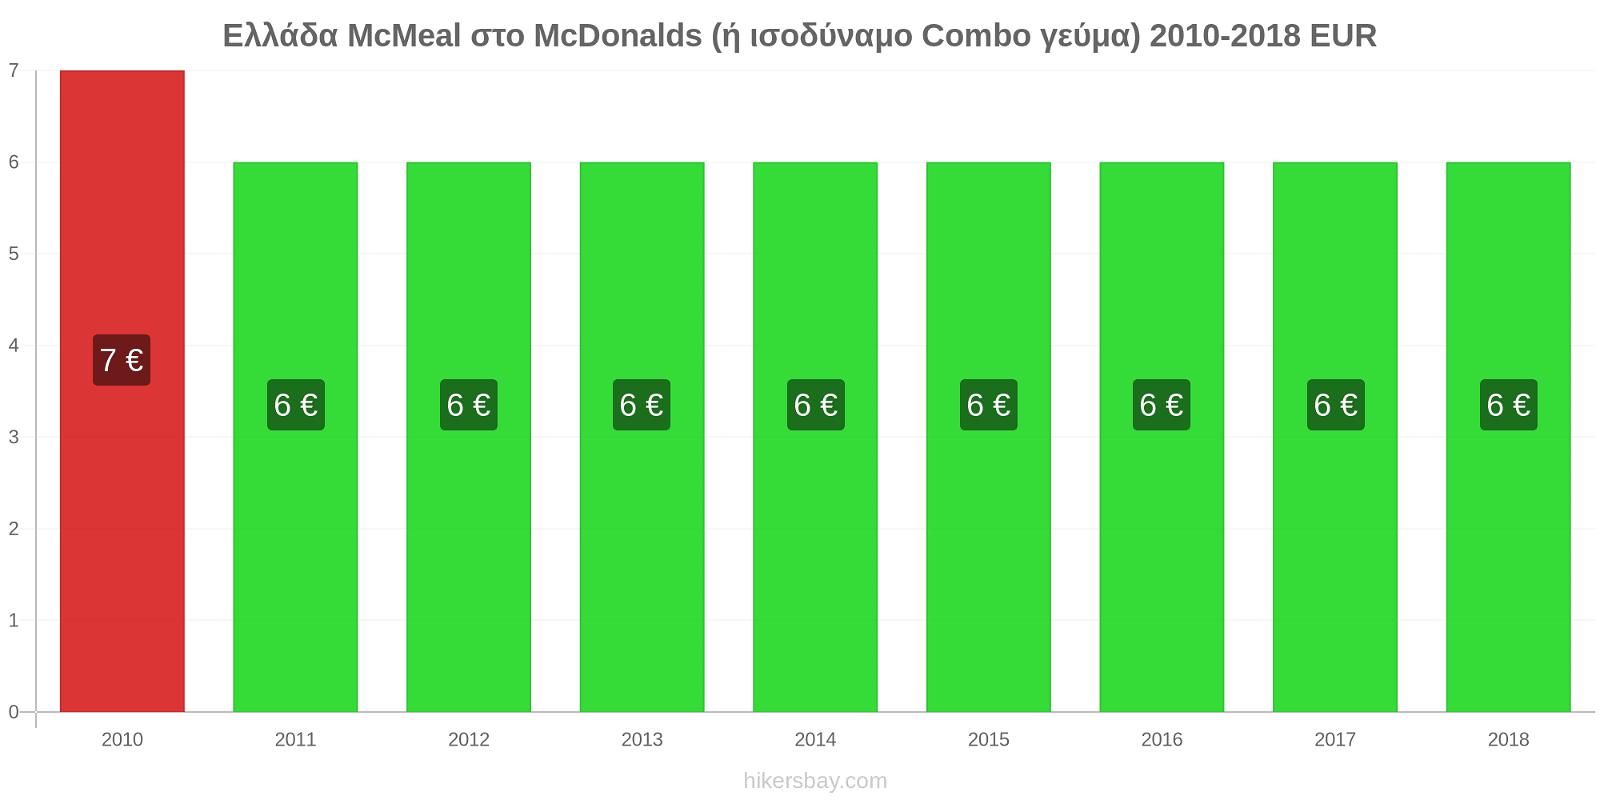 Ελλάδα αλλαγές τιμών McMeal στο McDonalds (ή ισοδύναμο Combo γεύμα) hikersbay.com